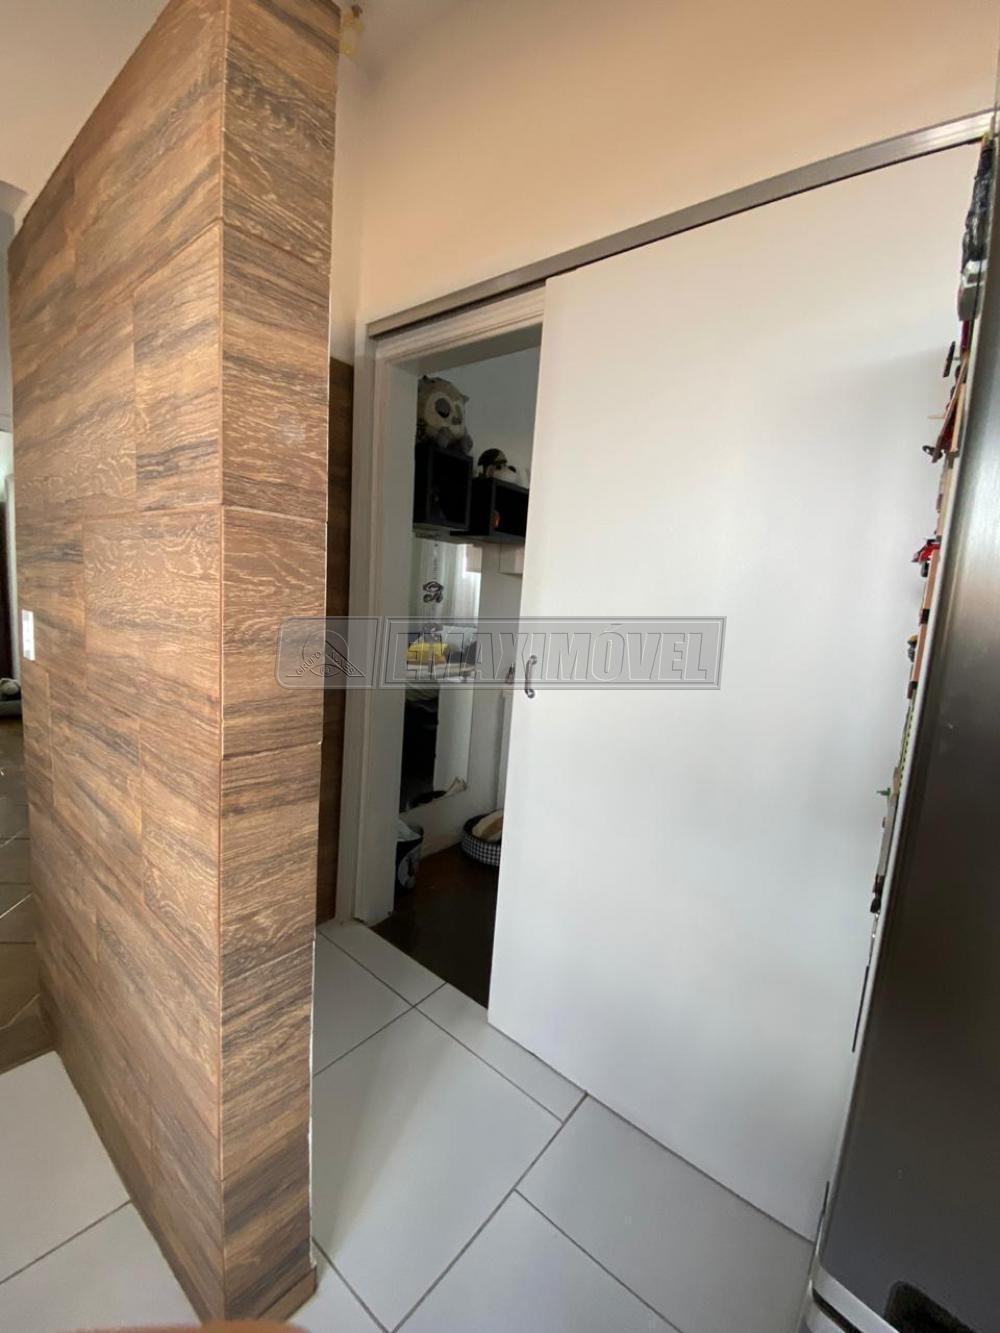 Comprar Casas / em Bairros em Sorocaba R$ 700.000,00 - Foto 9